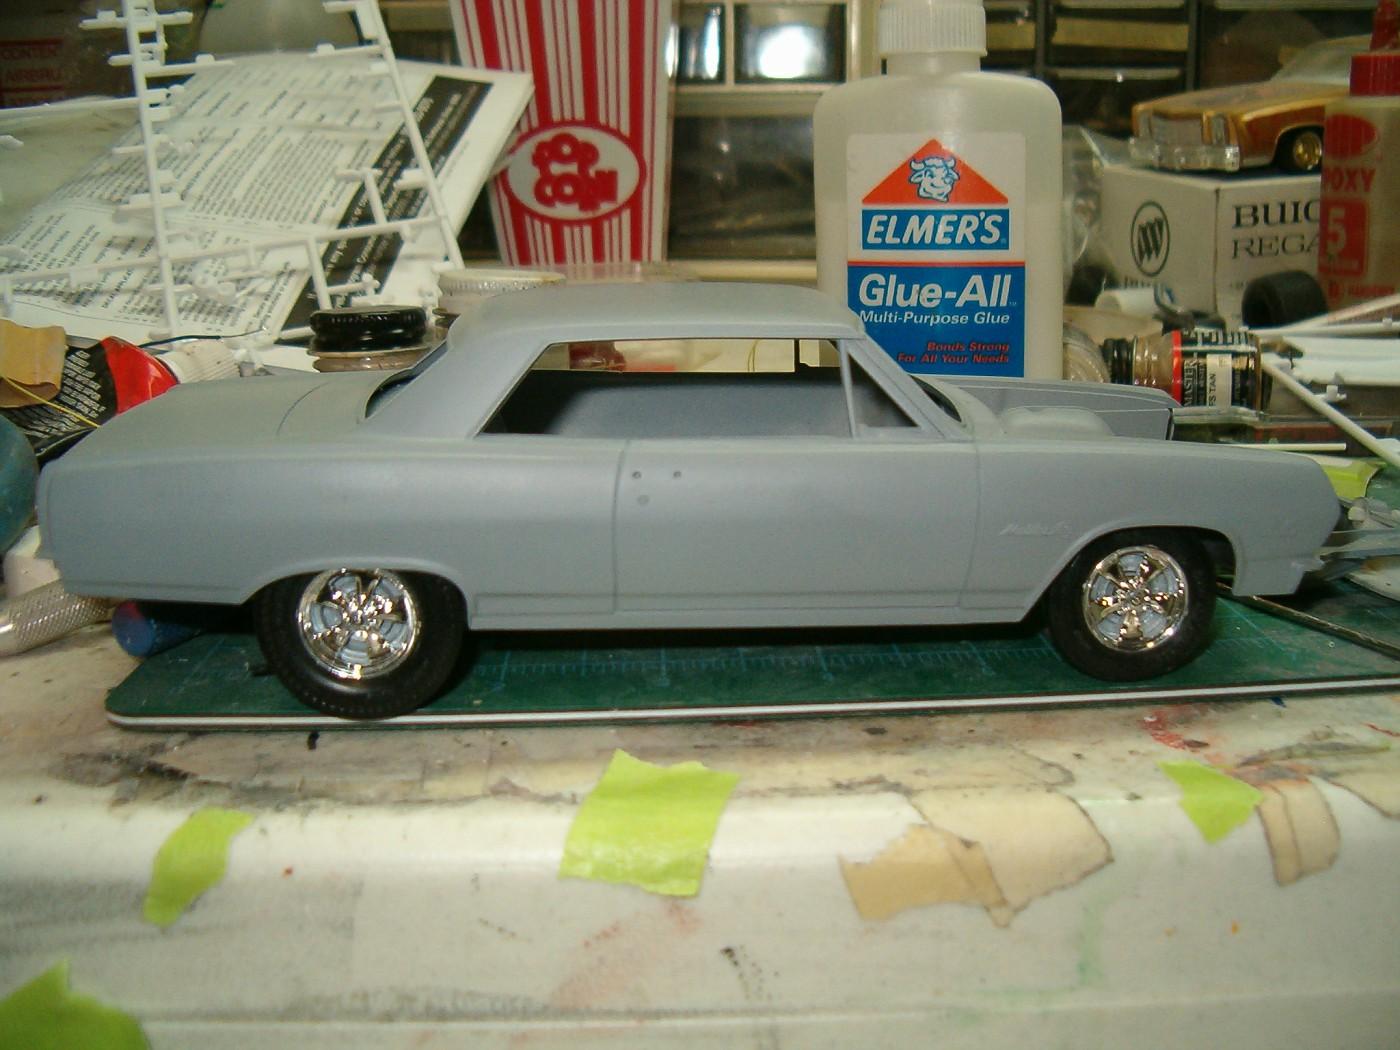 Du progrès au projet...Chevelle SS396 1965, Super Stock, avec la remorque et le pick-up. 002-vi